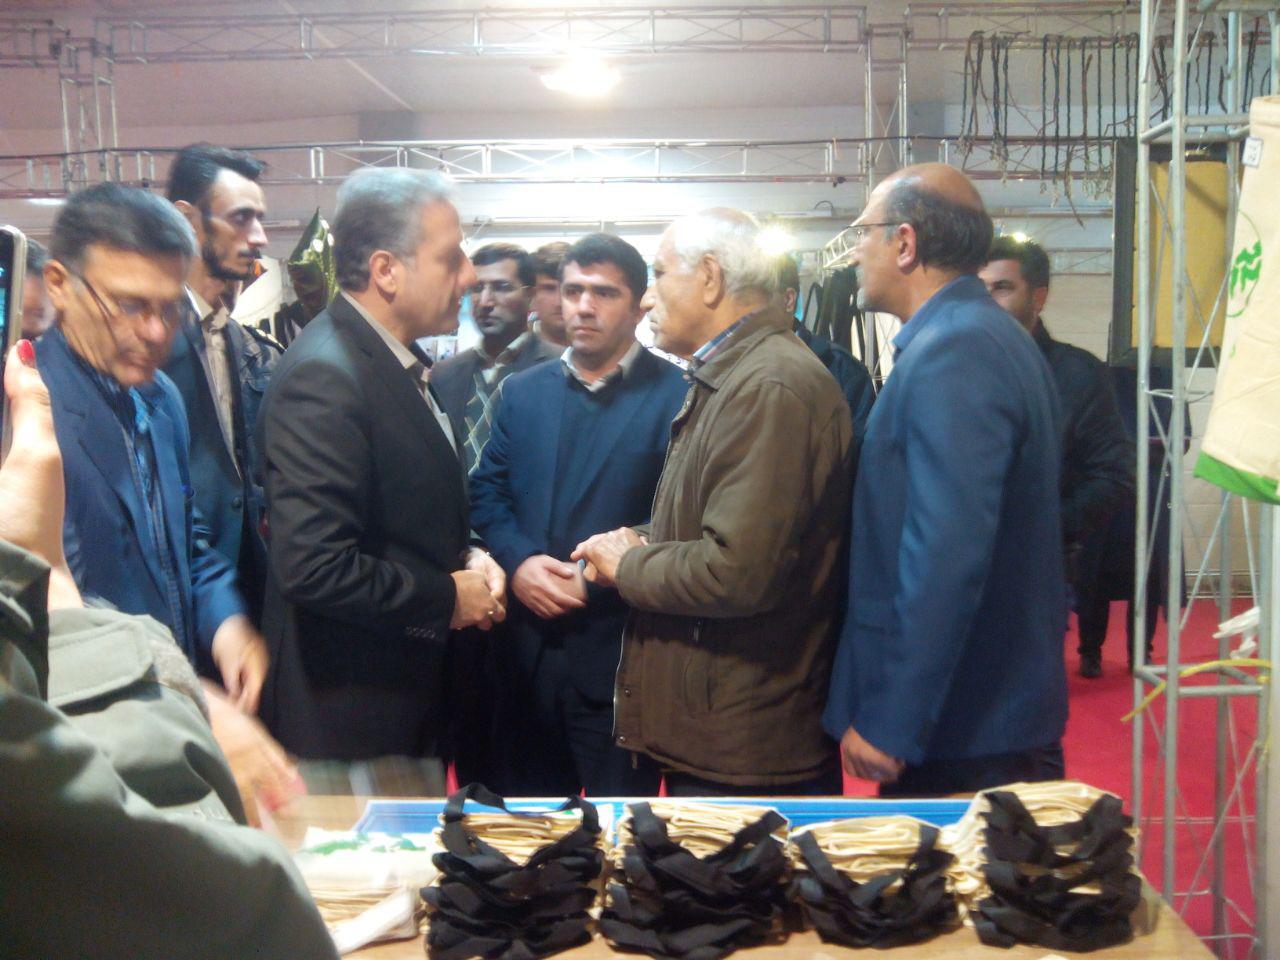 نمایشگاه توانمندی ها و دستاوردهای سازمان های مردم نهاد استان گلستان